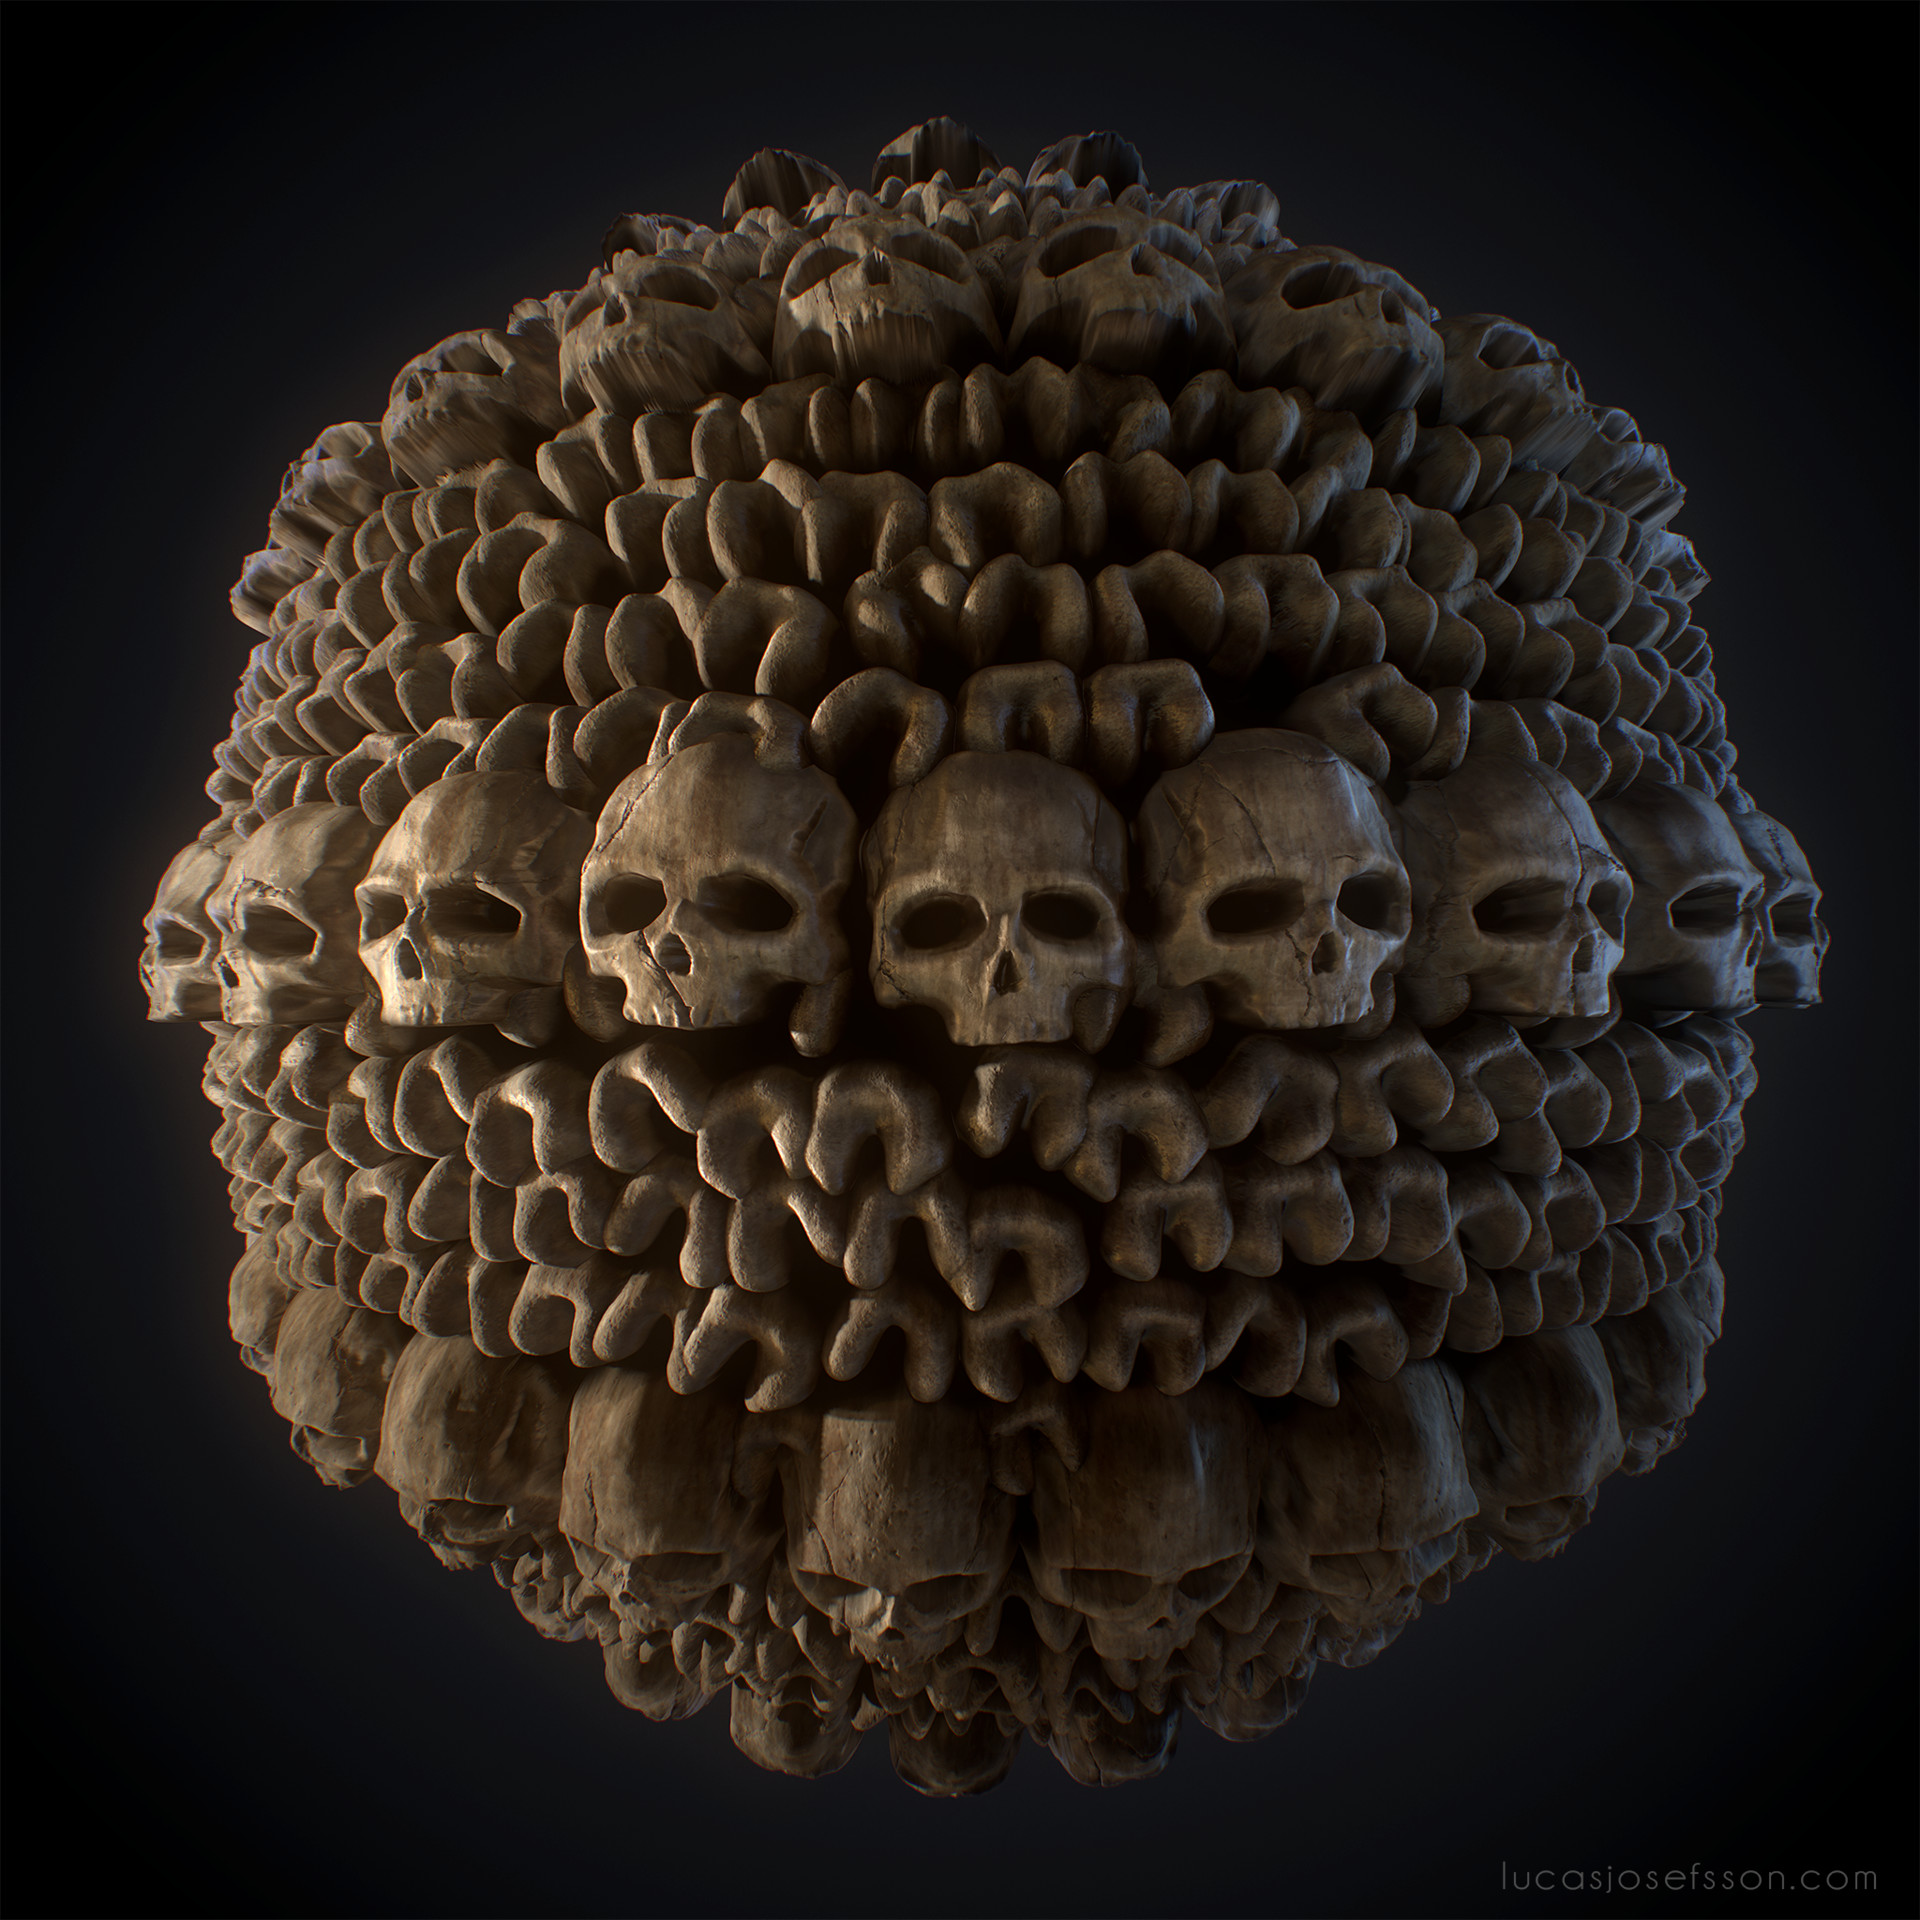 Lucas josefsson shader ball